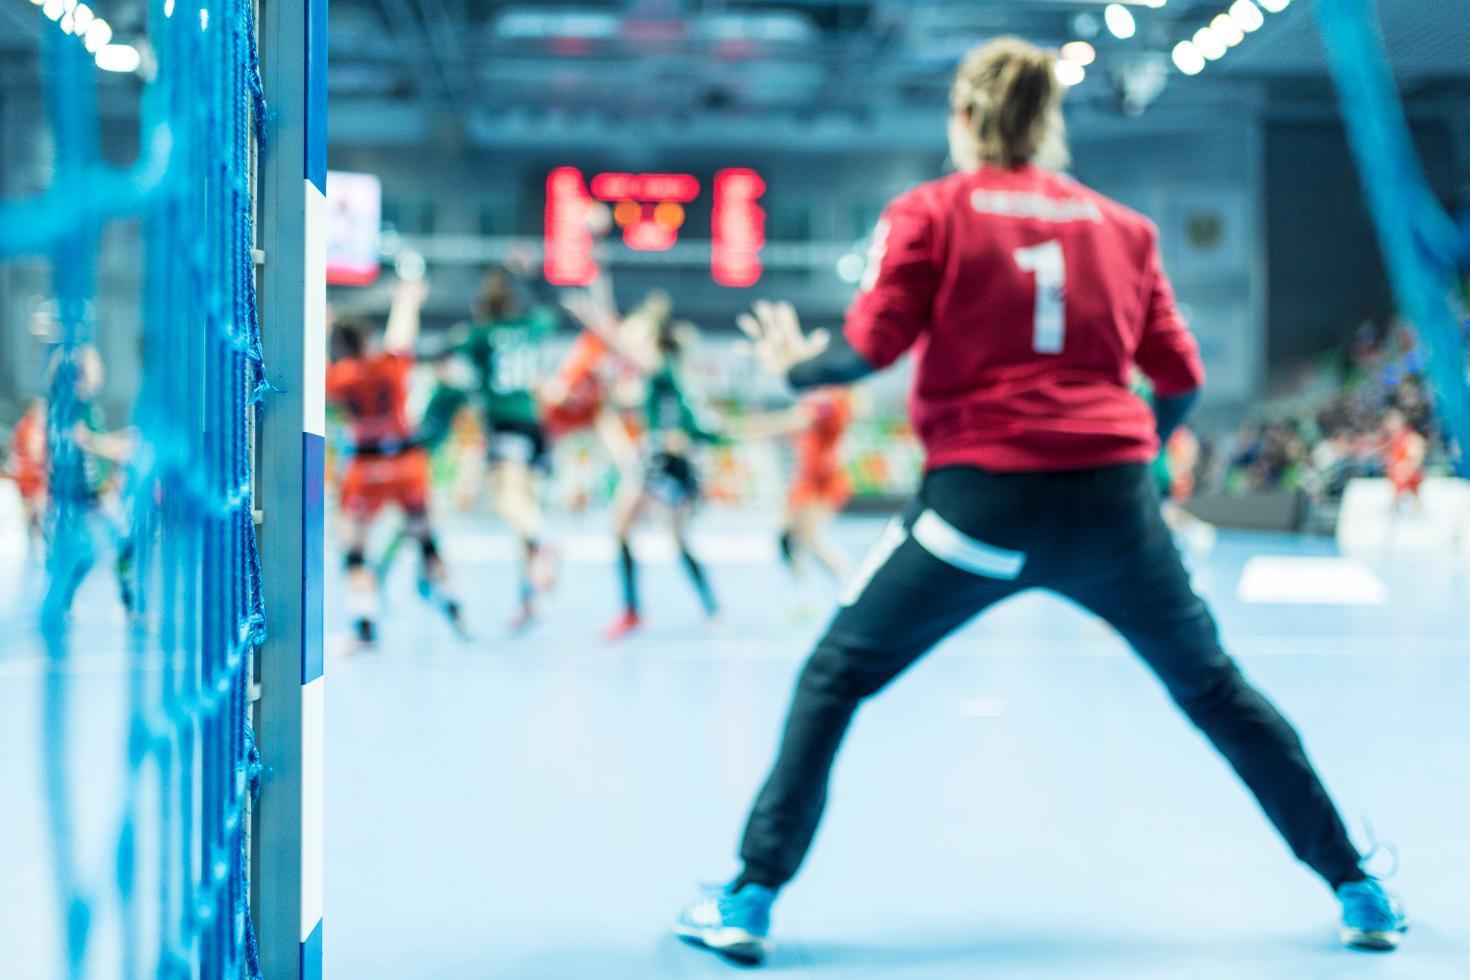 Ştiai că argeşenii sunt pasionaţi de jocuri si sport? Lista de activitati relaxante pentru weekend!